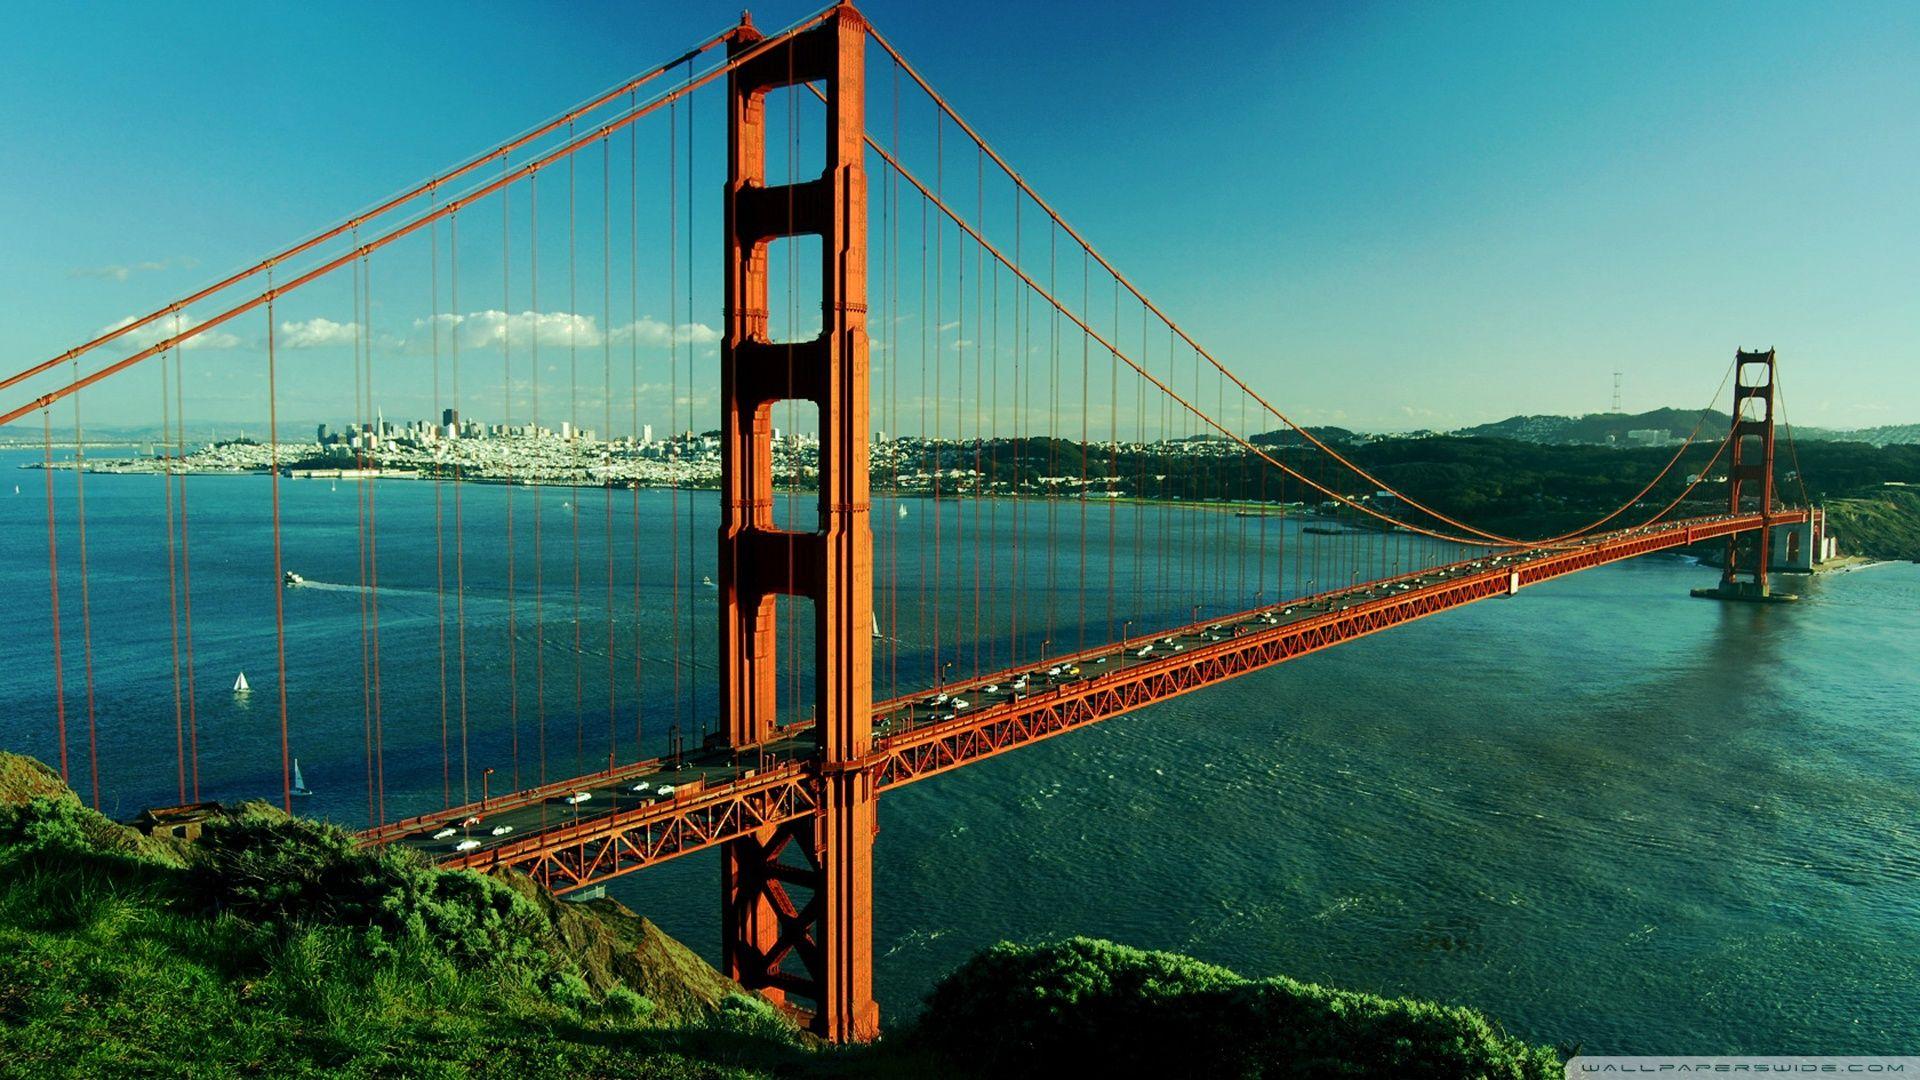 Golden Gate Bridge San Francisco Ca San Francisco Tourist San Francisco Tourist Attractions San Francisco Golden Gate Bridge